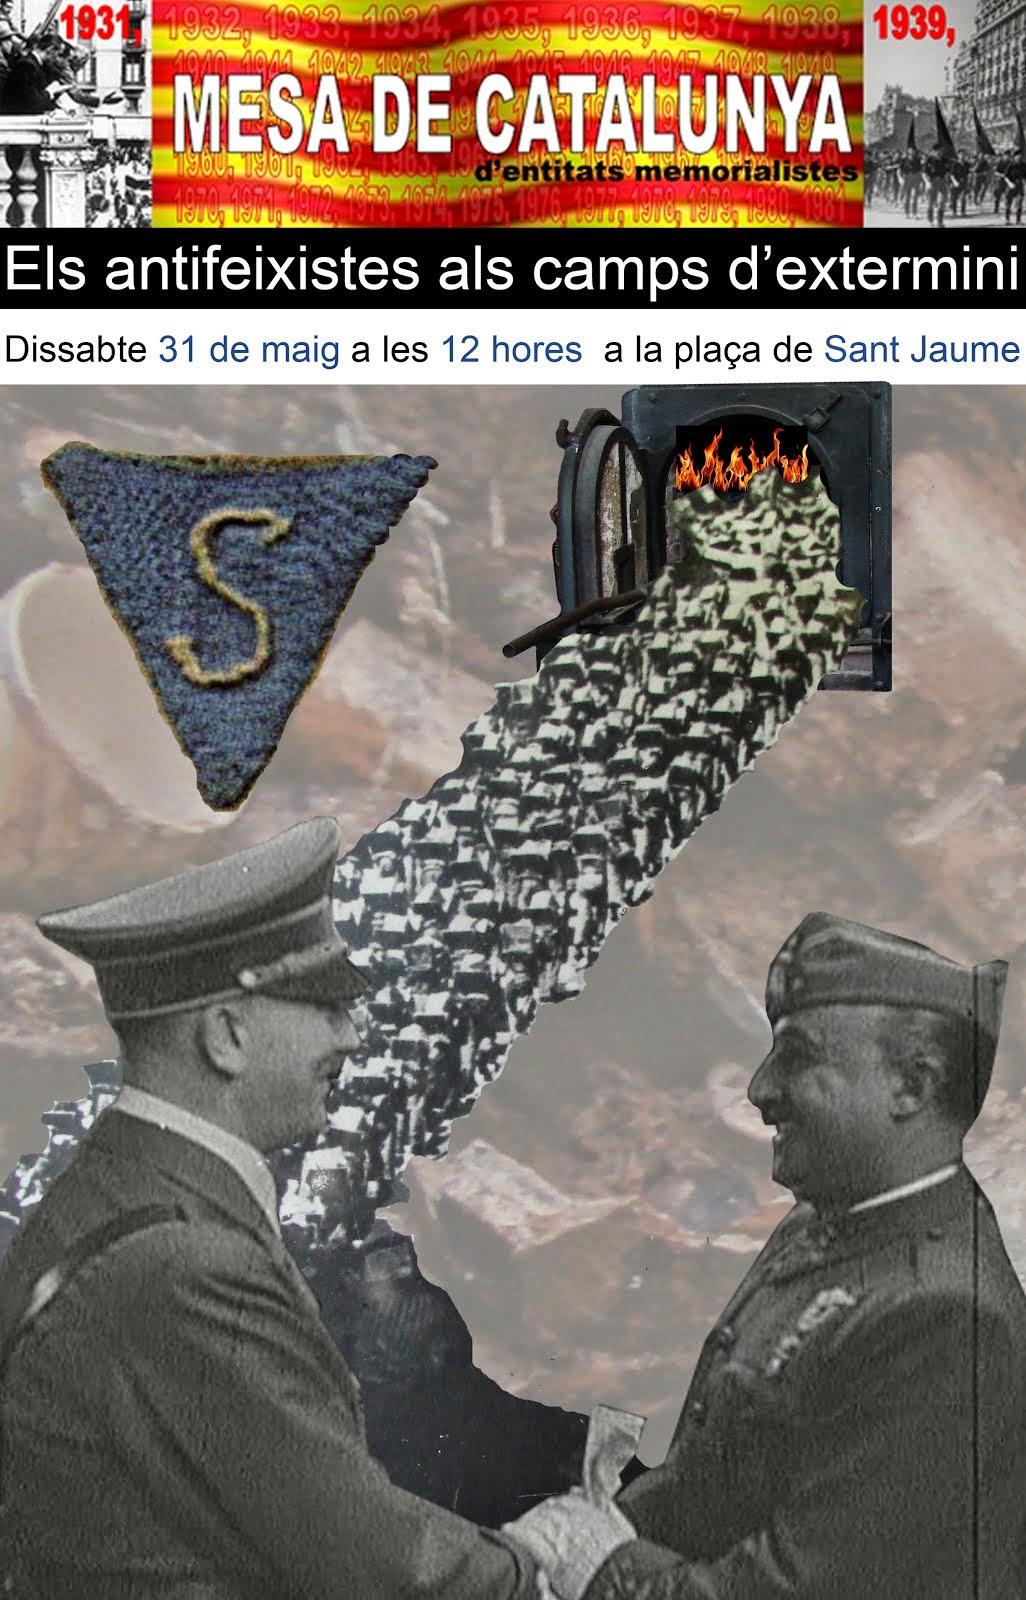 CINQUANTA-UNENA CONCENTRACIÓ